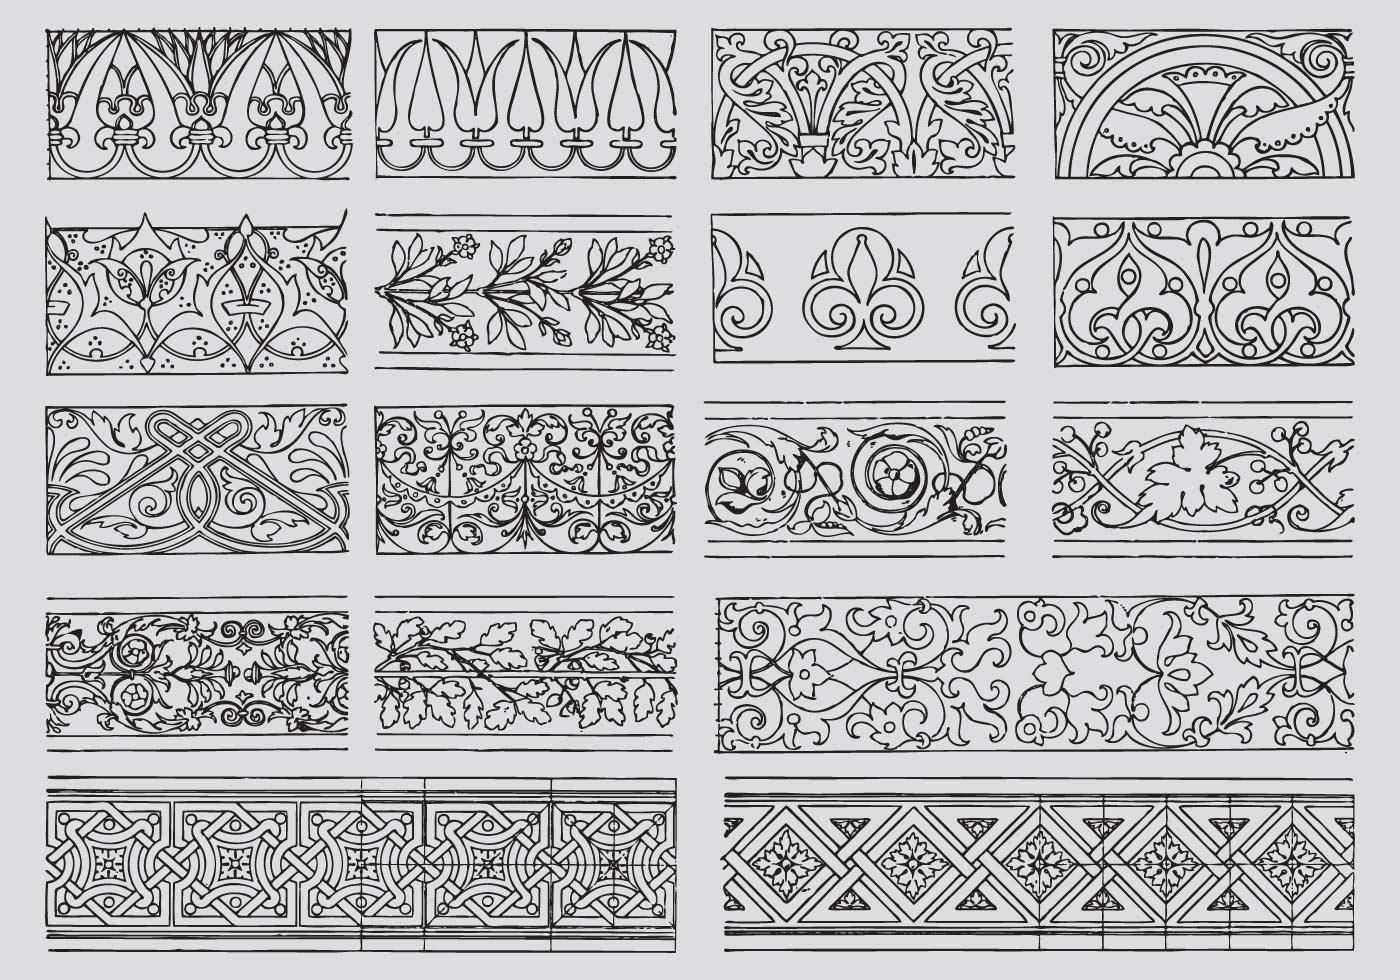 Fronteras ornamentales - Descargue Gráficos y Vectores Gratis